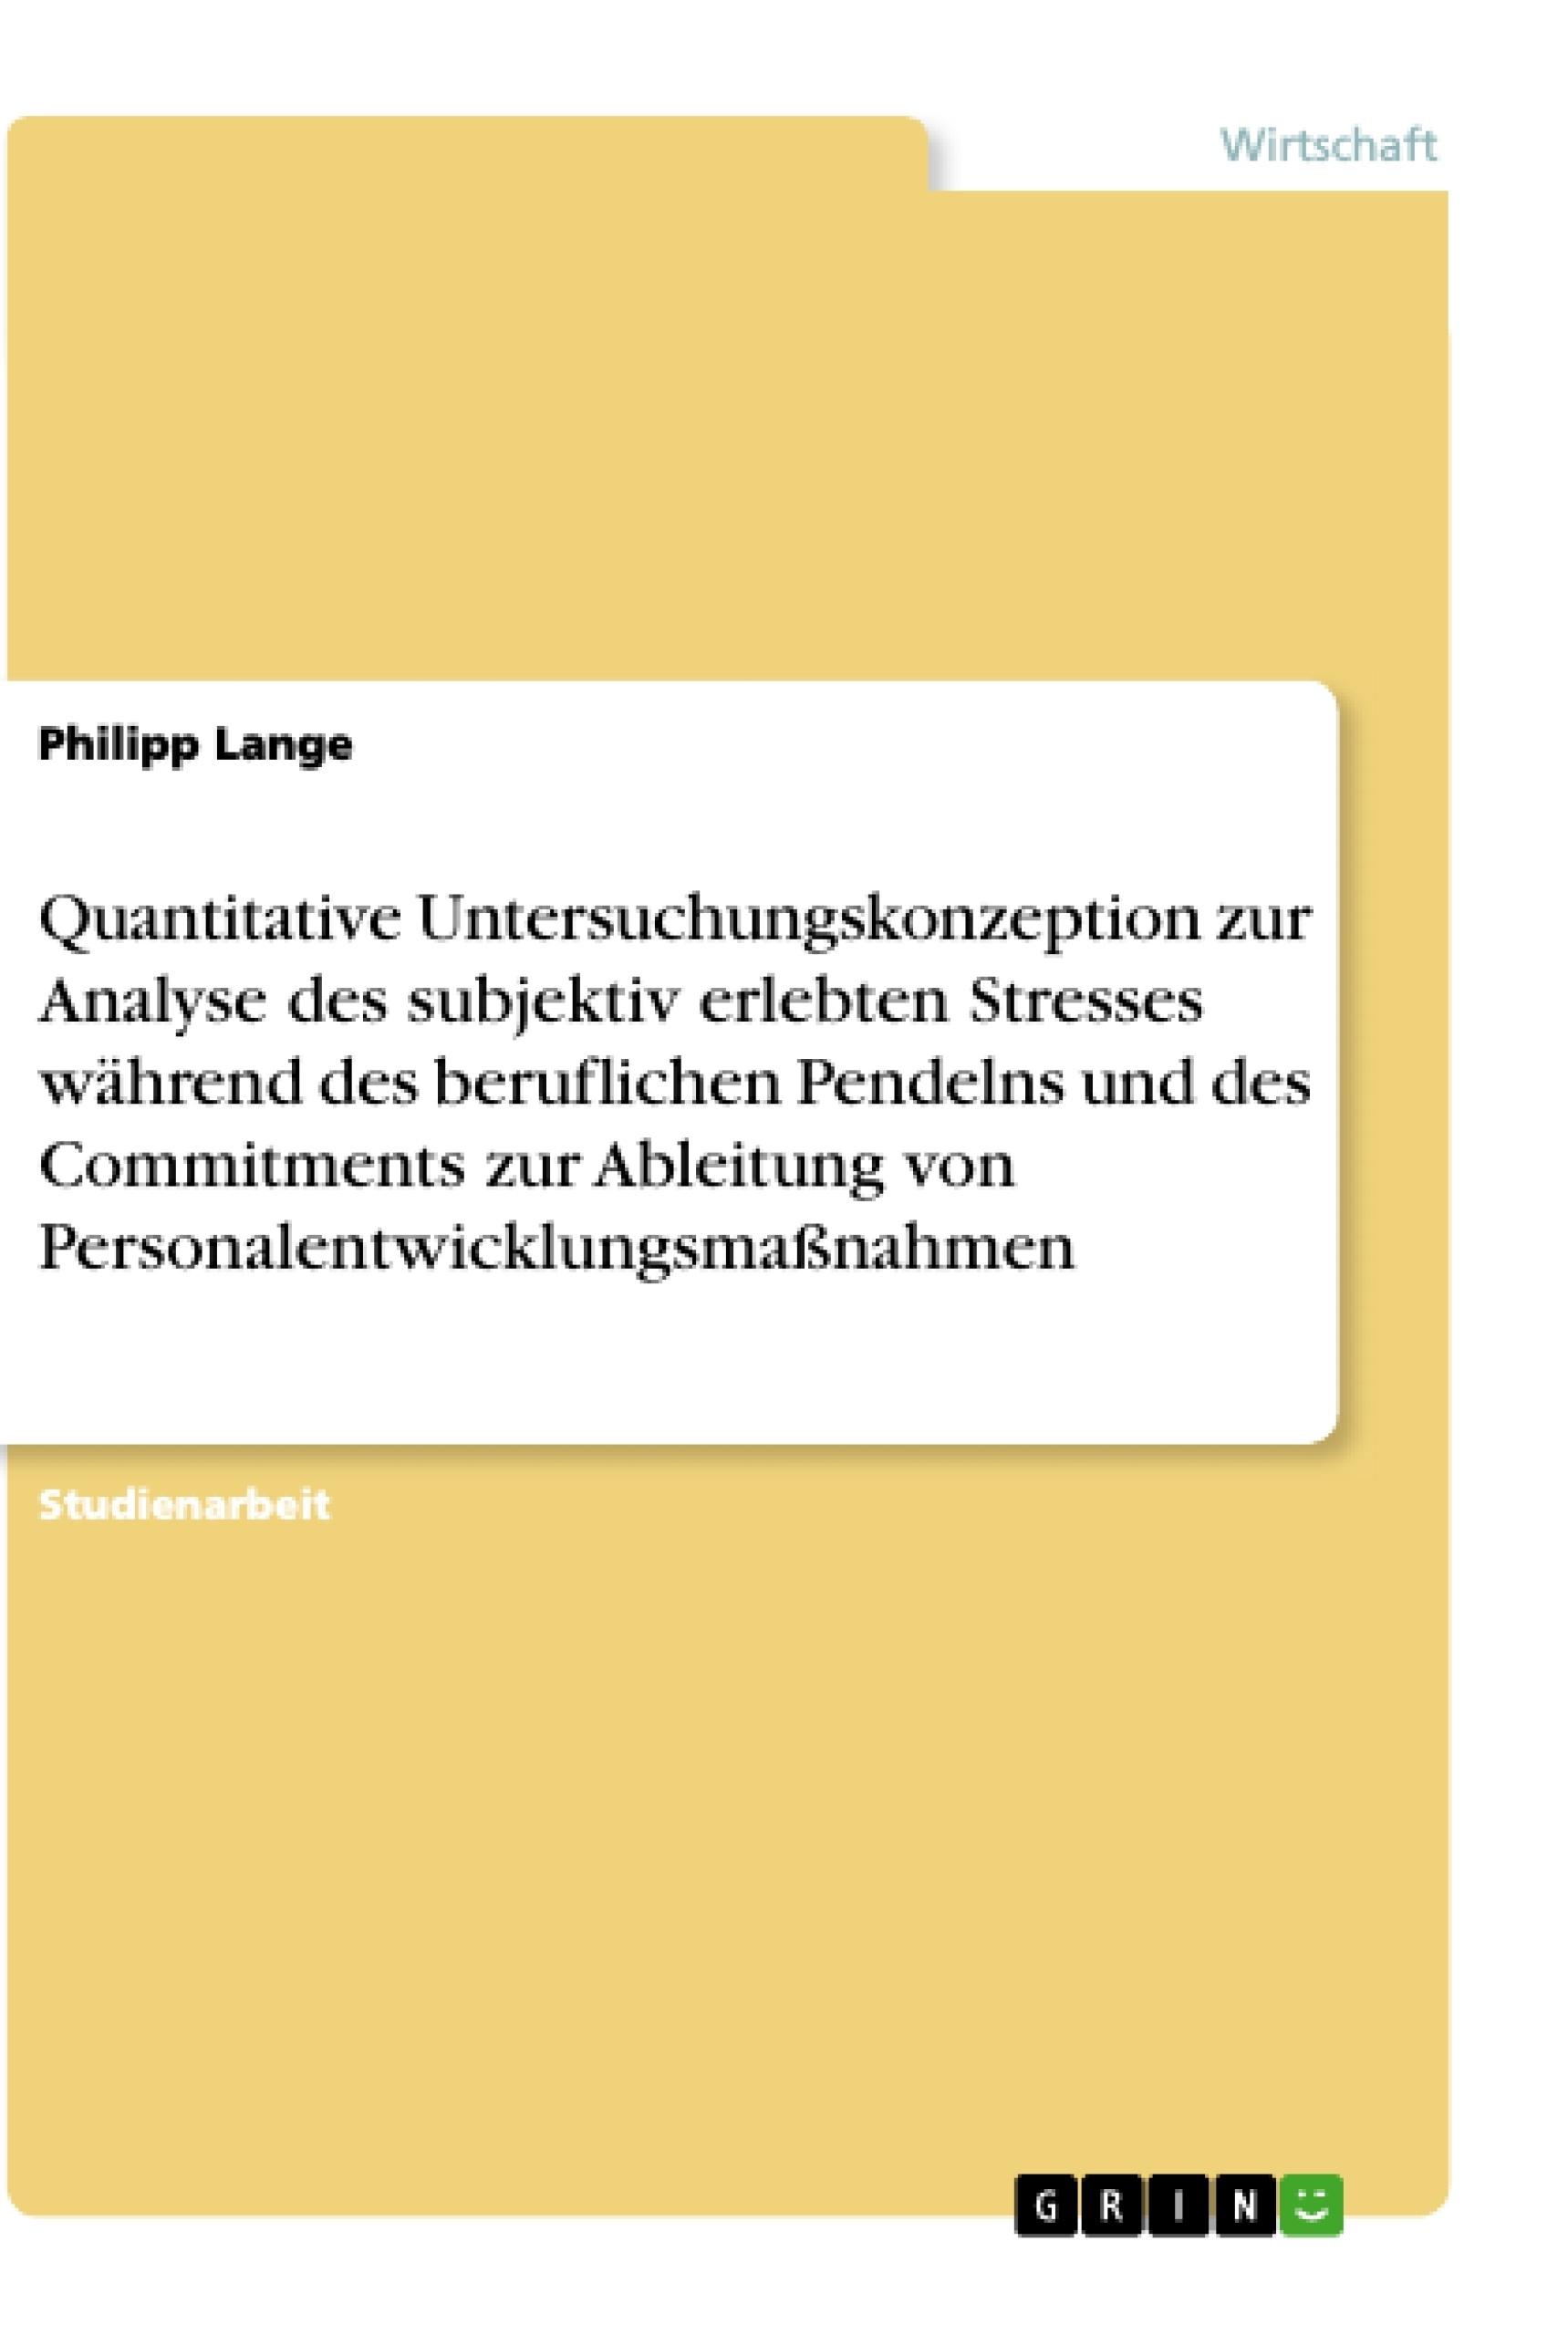 Titel: Quantitative Untersuchungskonzeption zur Analyse des subjektiv erlebten Stresses während des beruflichen Pendelns und des Commitments zur Ableitung von Personalentwicklungsmaßnahmen